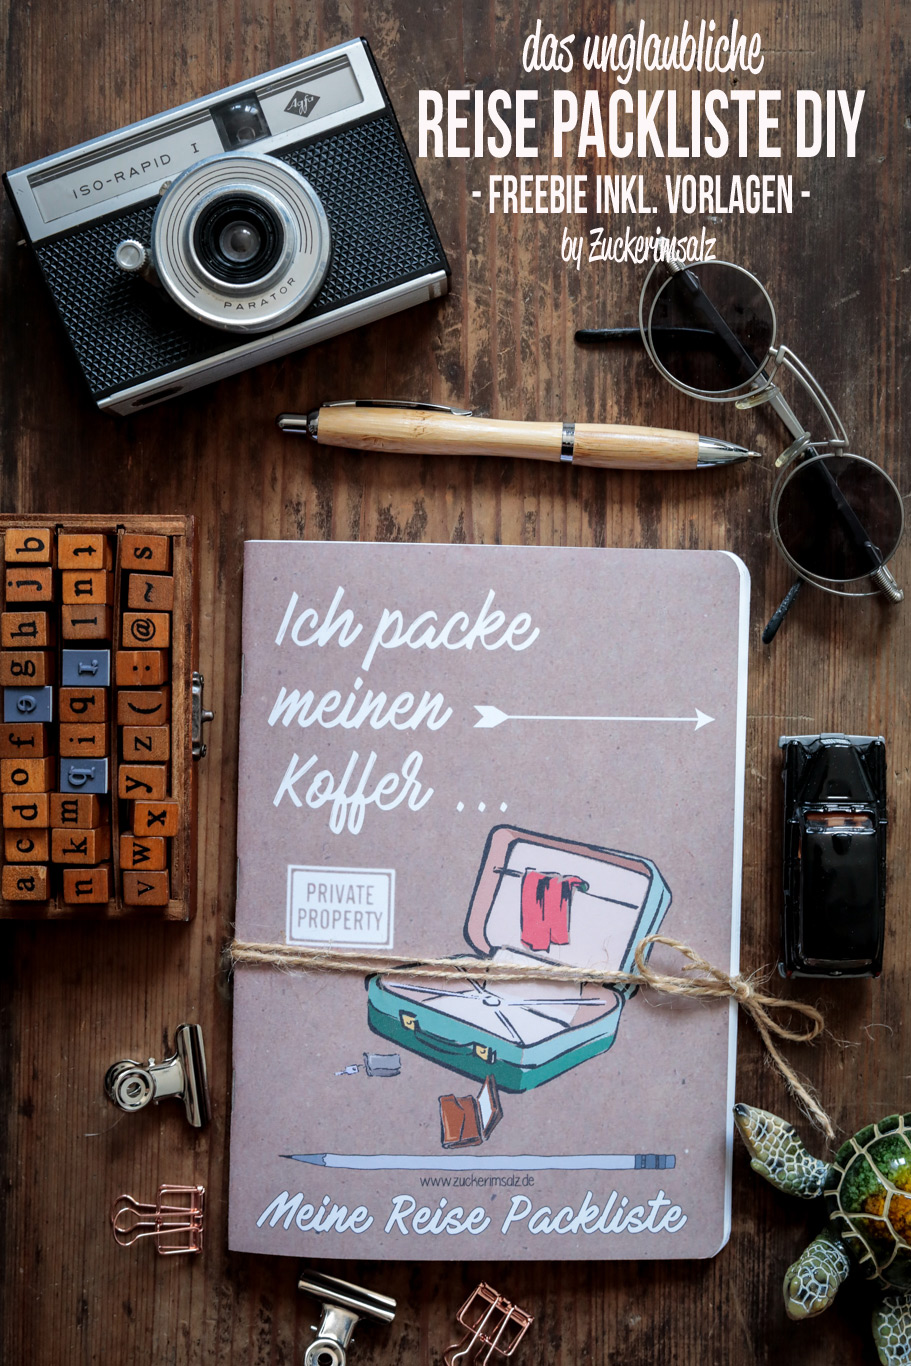 Ich packe meinen Koffer … das unglaubliche Reise Packliste DIY